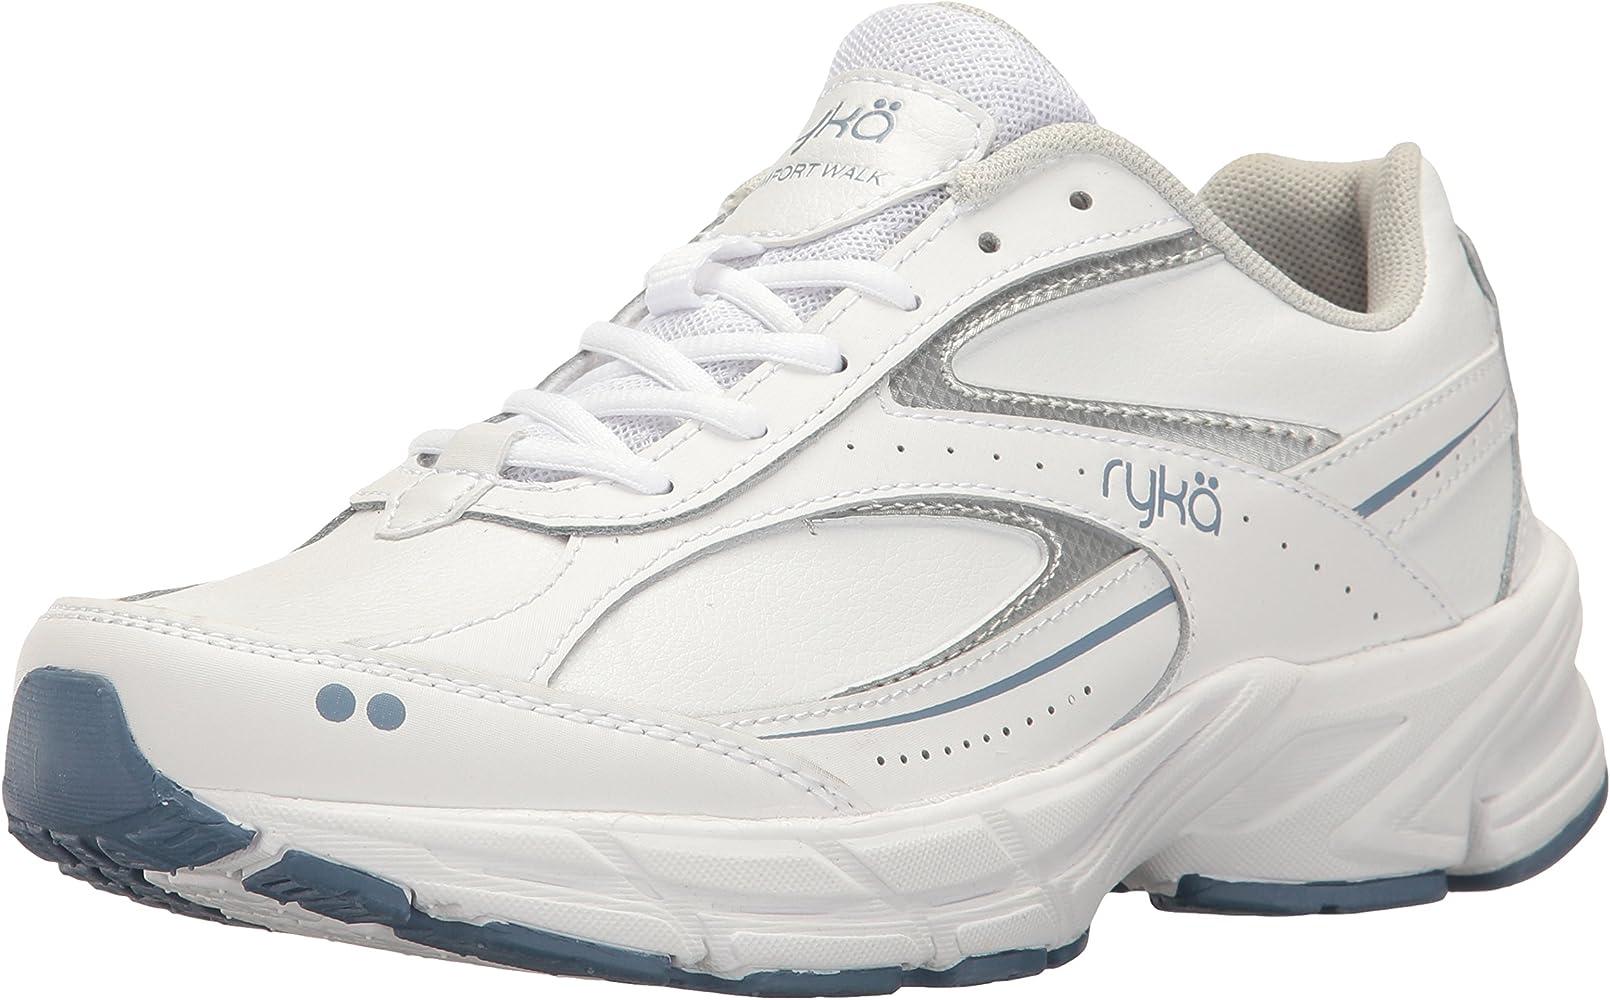 Zapatillas para caminar confort RYKA para mujer, blanco / azul, 8.5 W US: Amazon.es: Zapatos y complementos